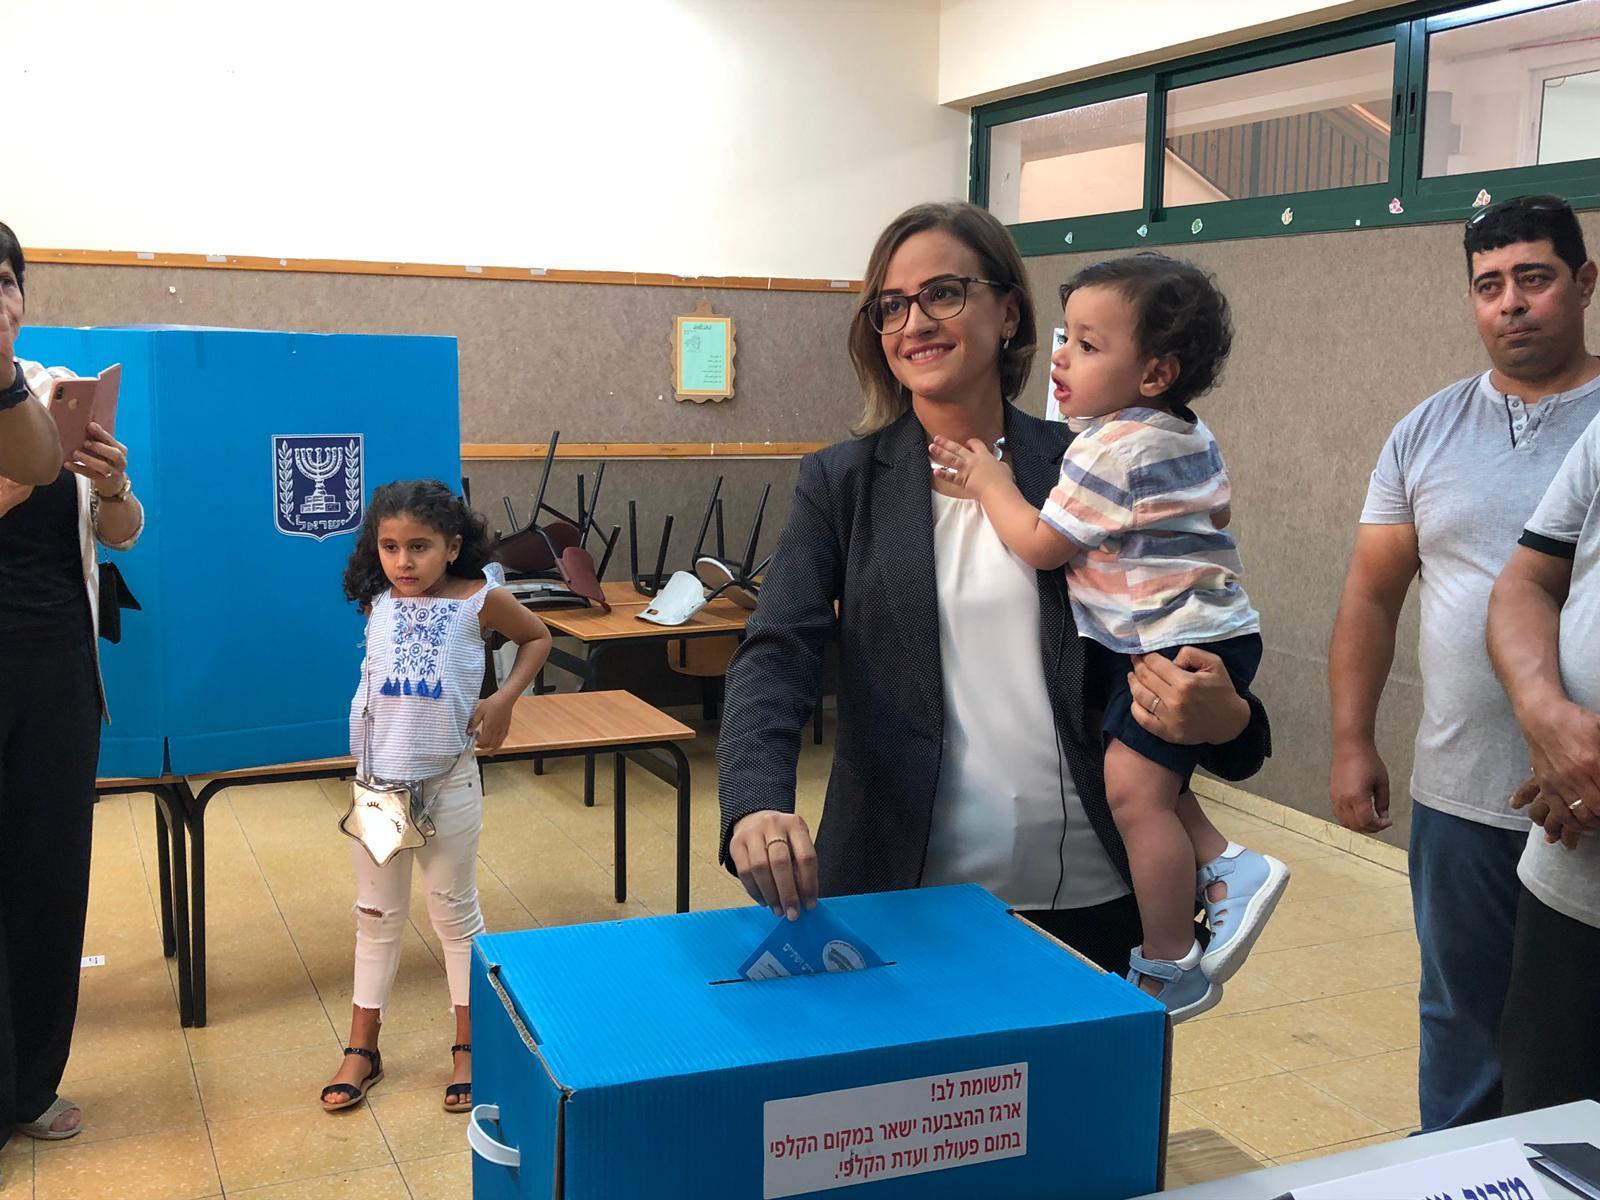 الانتخابات في البلدات العربية: نسبة التصويت التقريبية 60%